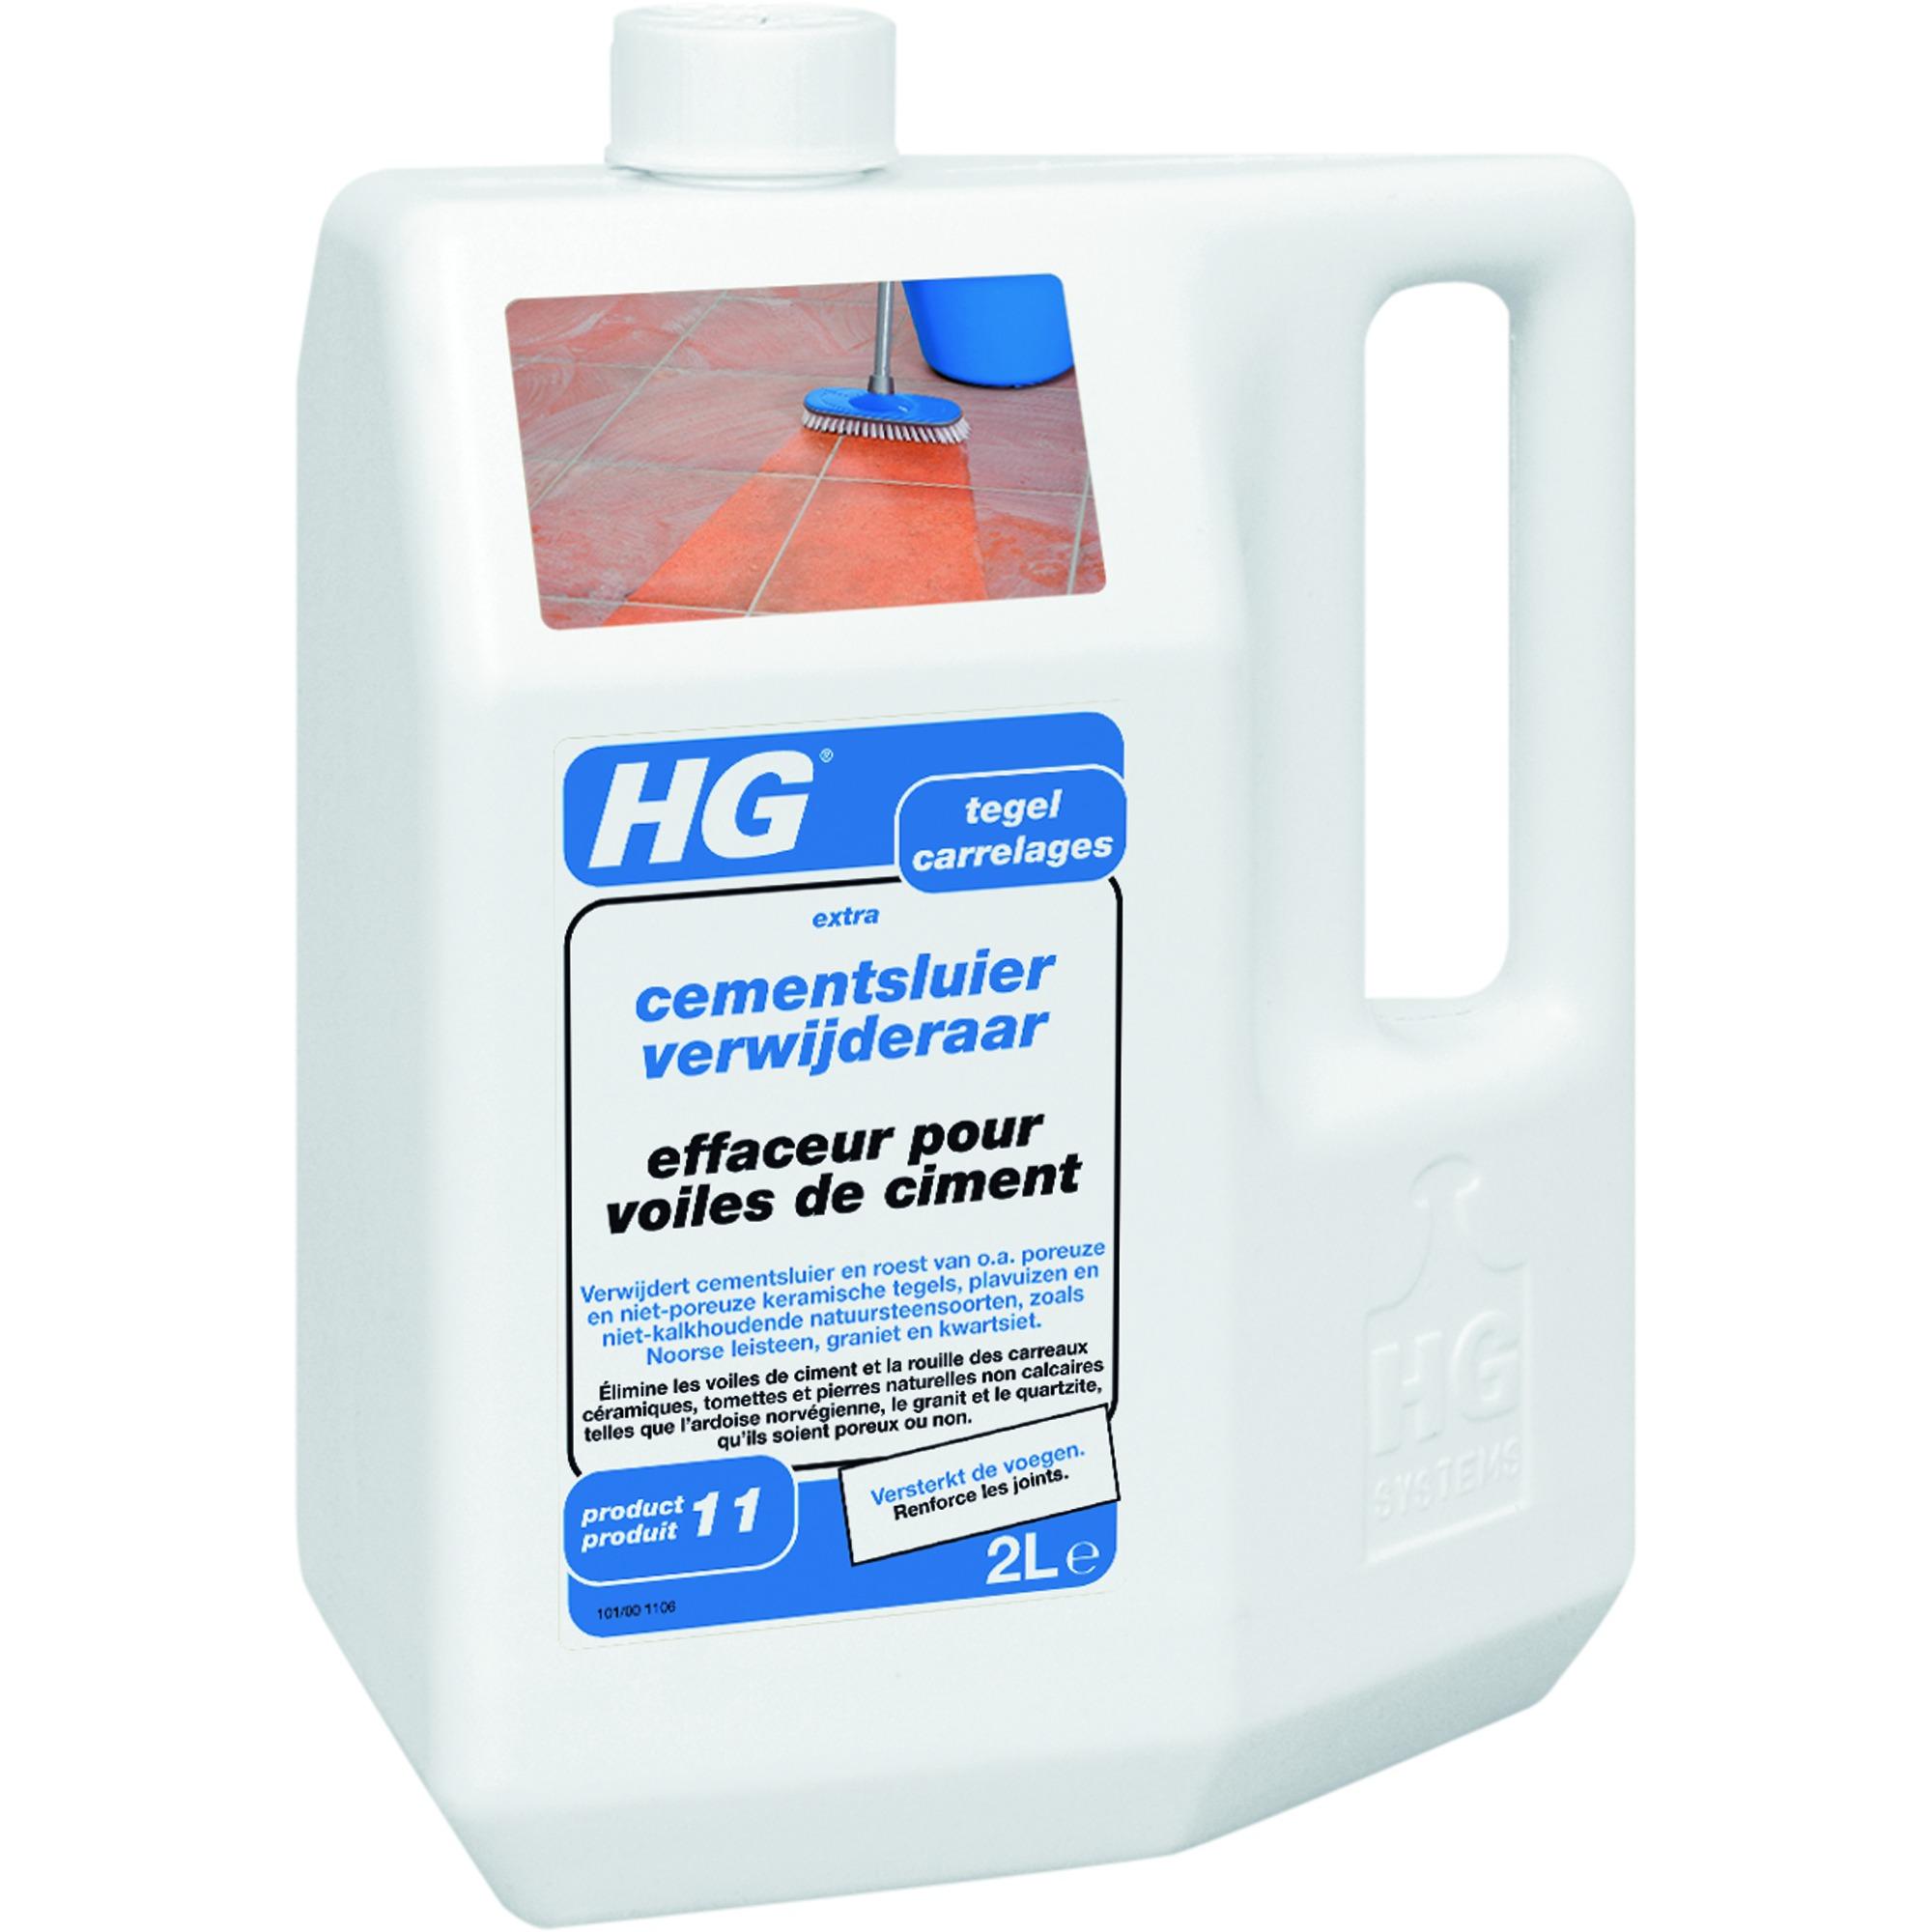 Hg effaceur de voile de ciment carrelage 2 l produits de for Enlever voile de ciment sur carrelage